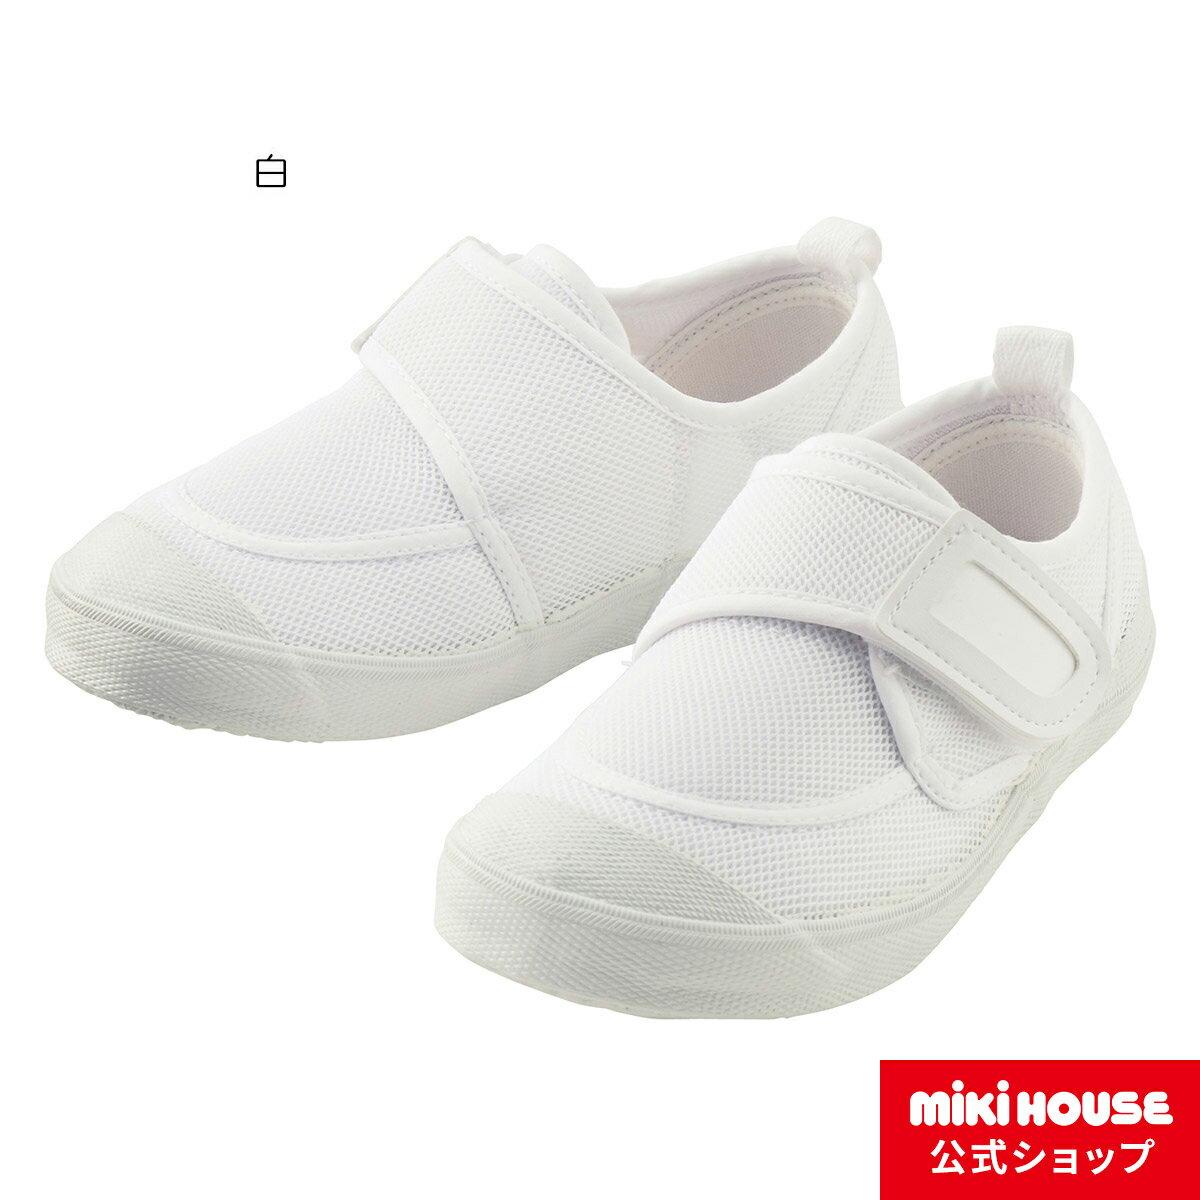 ミキハウス mikihouse スクールシューズ〈上履き・上靴(18cm-21cm)〉 キッズ 子供 学校 小学校